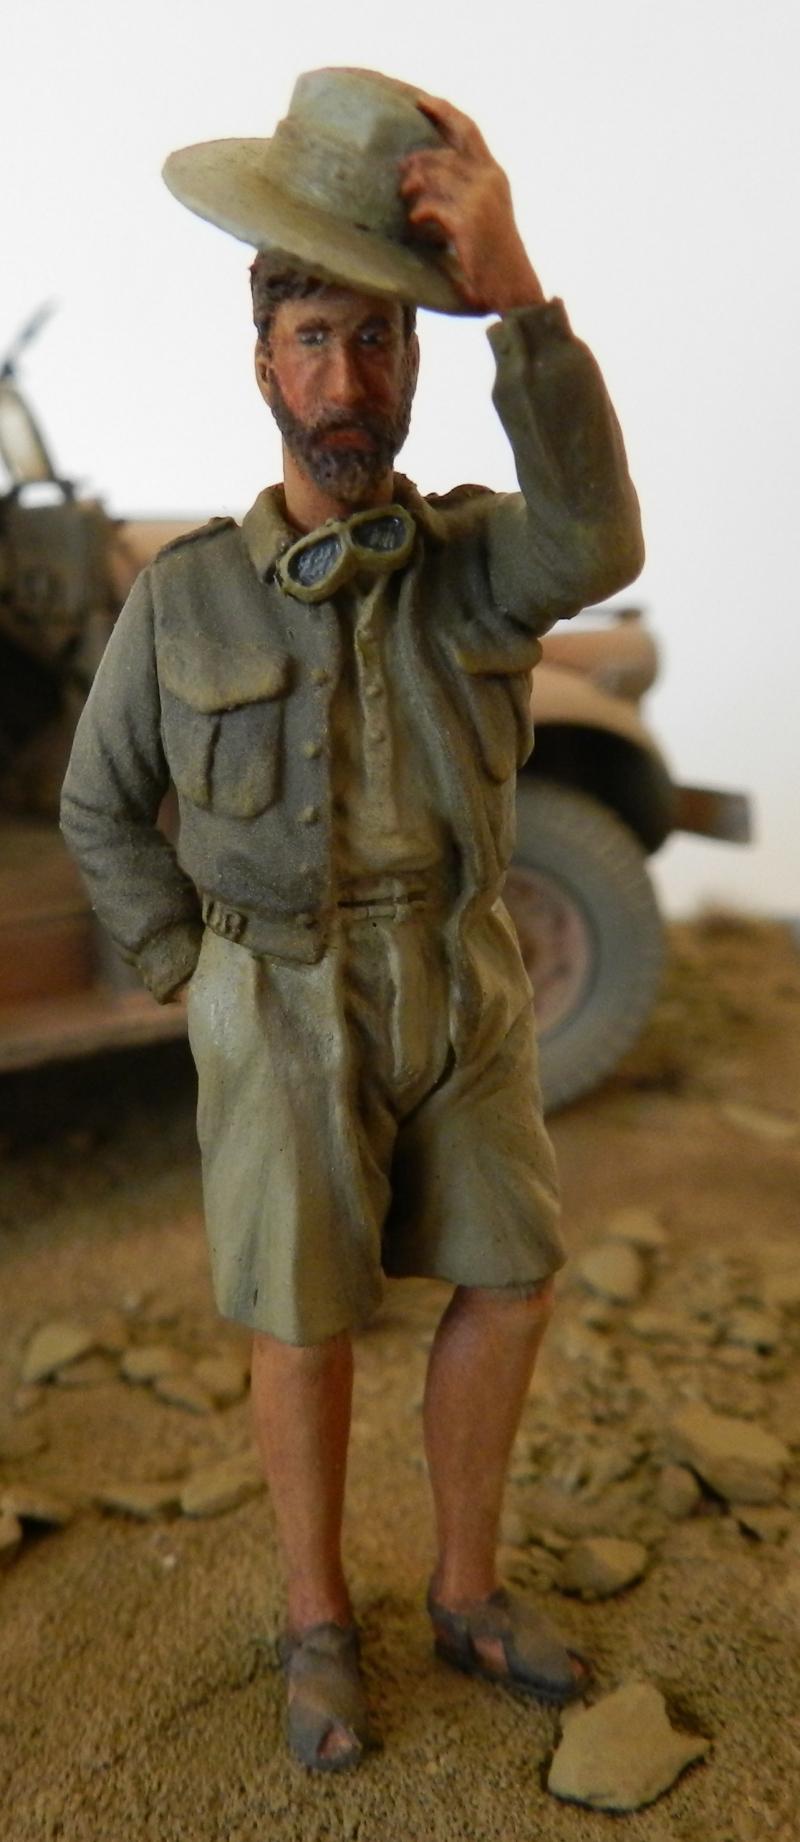 UN PETIT COIN DE DESERT : LRDG LYBIE 1942 ( DIO TERMINE). - Page 2 12082311191615063810238703